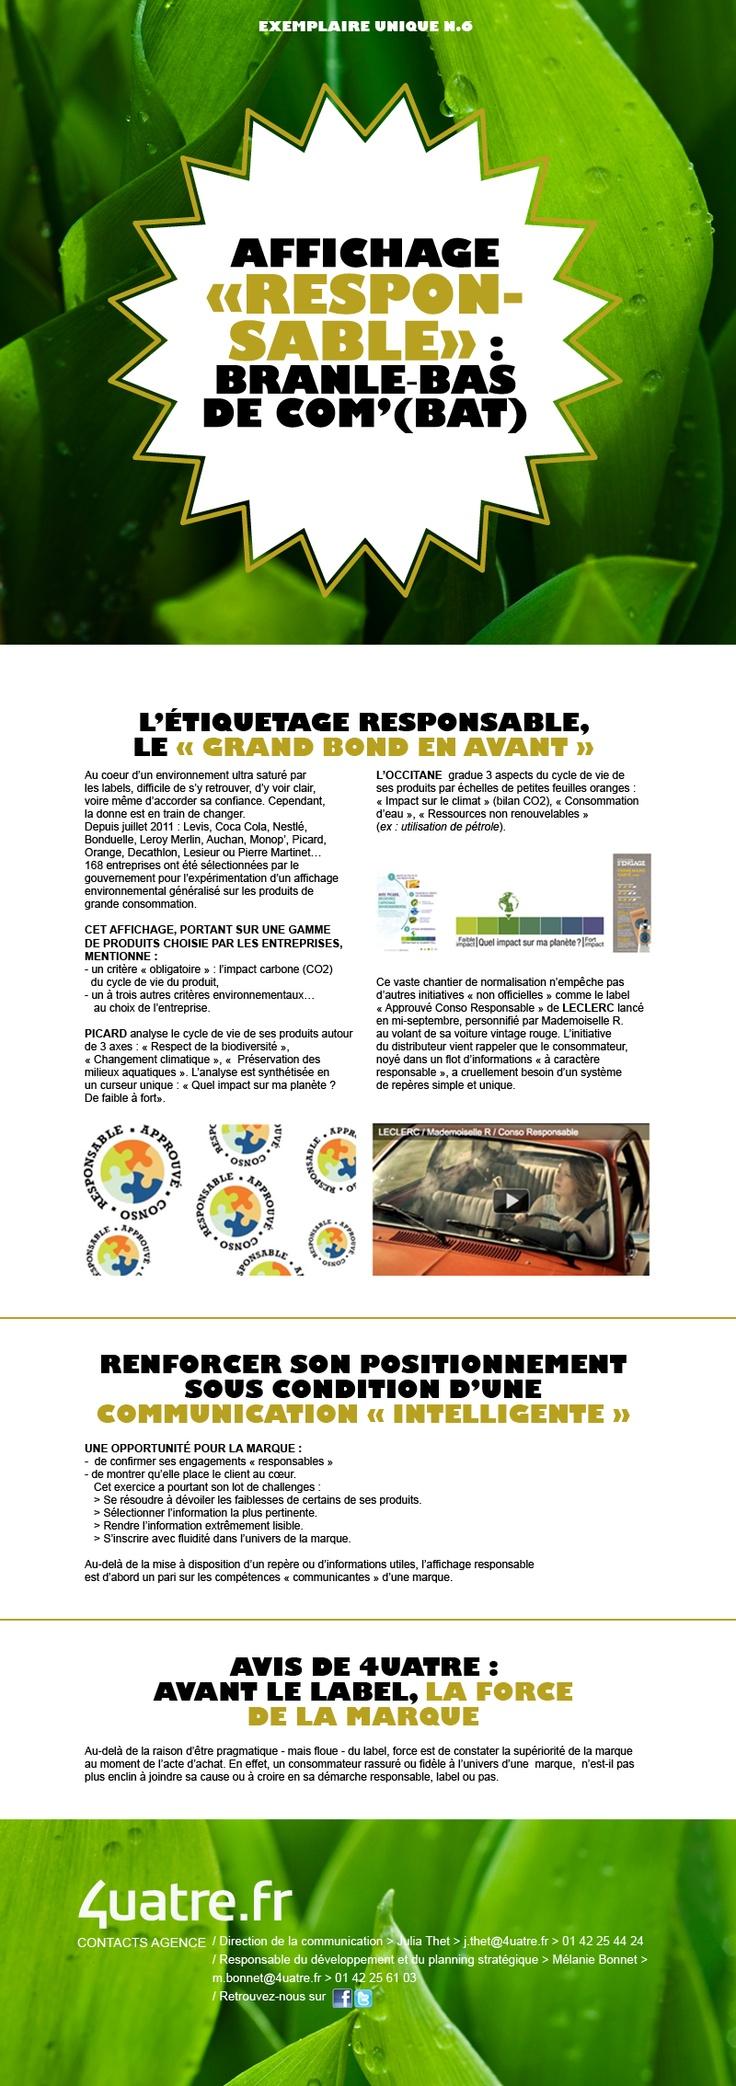 """Exemplaire Unique #6 - """"Affichage Responsable"""""""